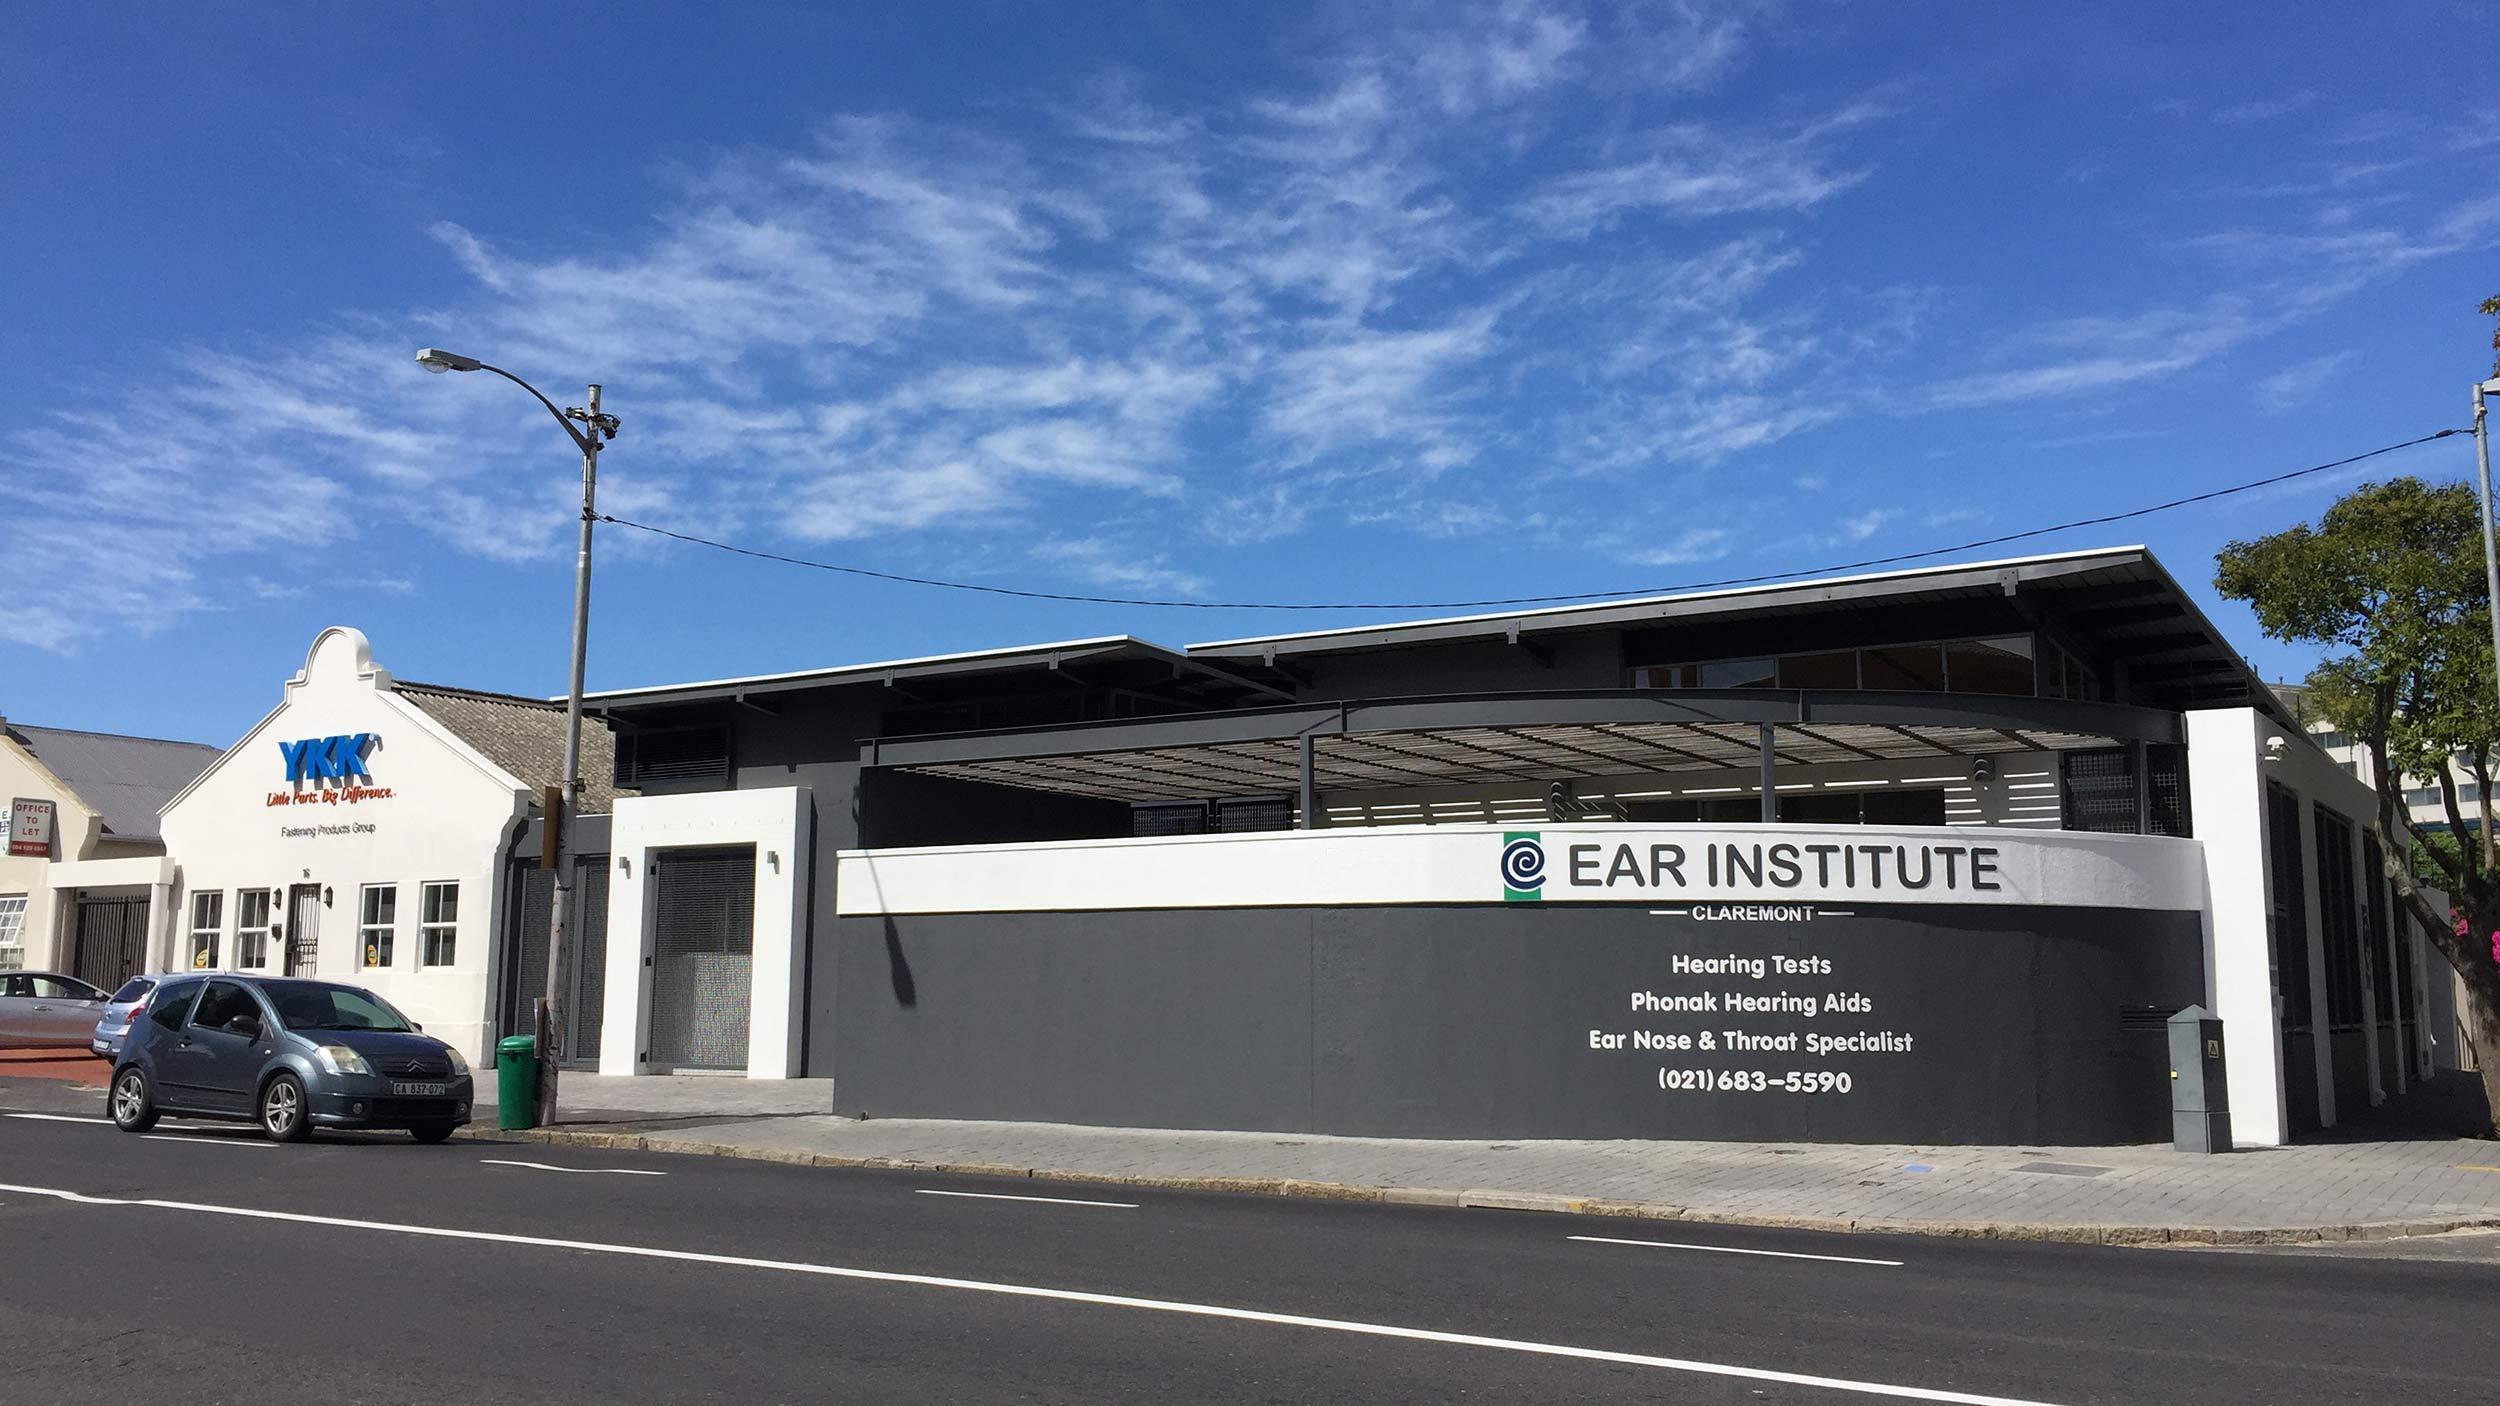 Claremont Ear Institute